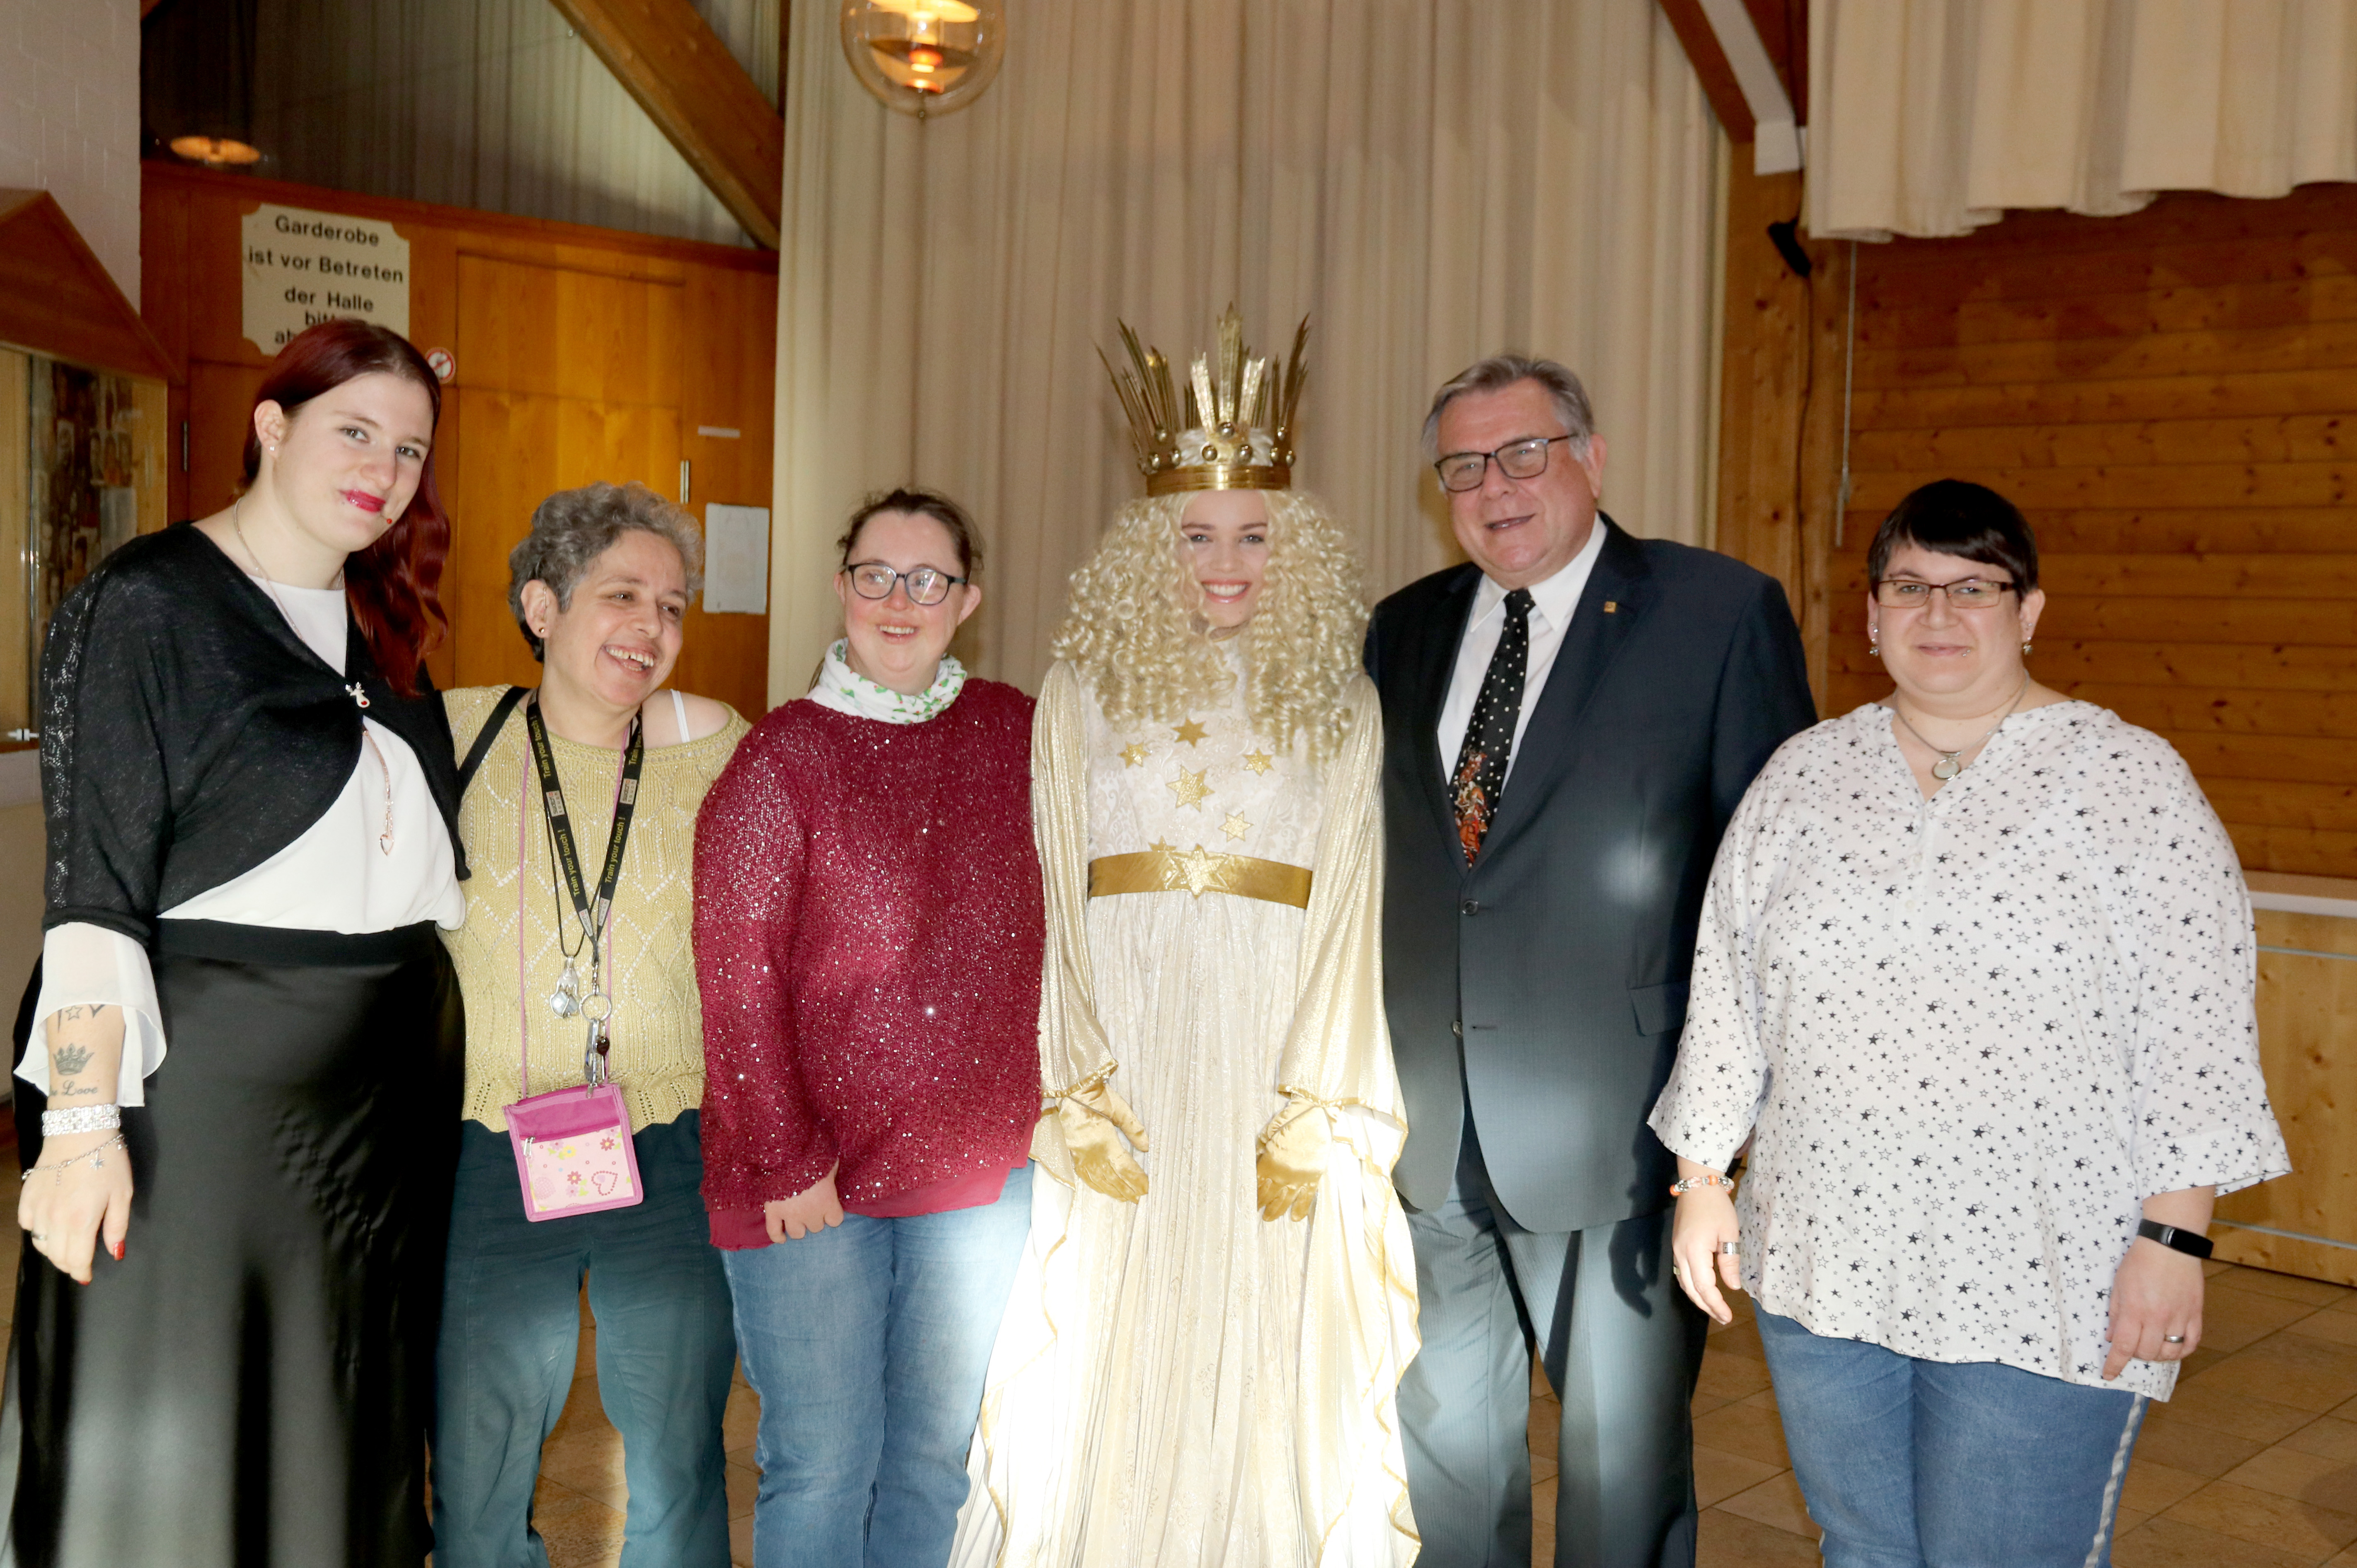 Ein Chef in Mission des Christkinds - Gerhard John besucht an Heiligabend seit über 20 Jahren die Bewohner der Lebenshilfe-Wohnheime